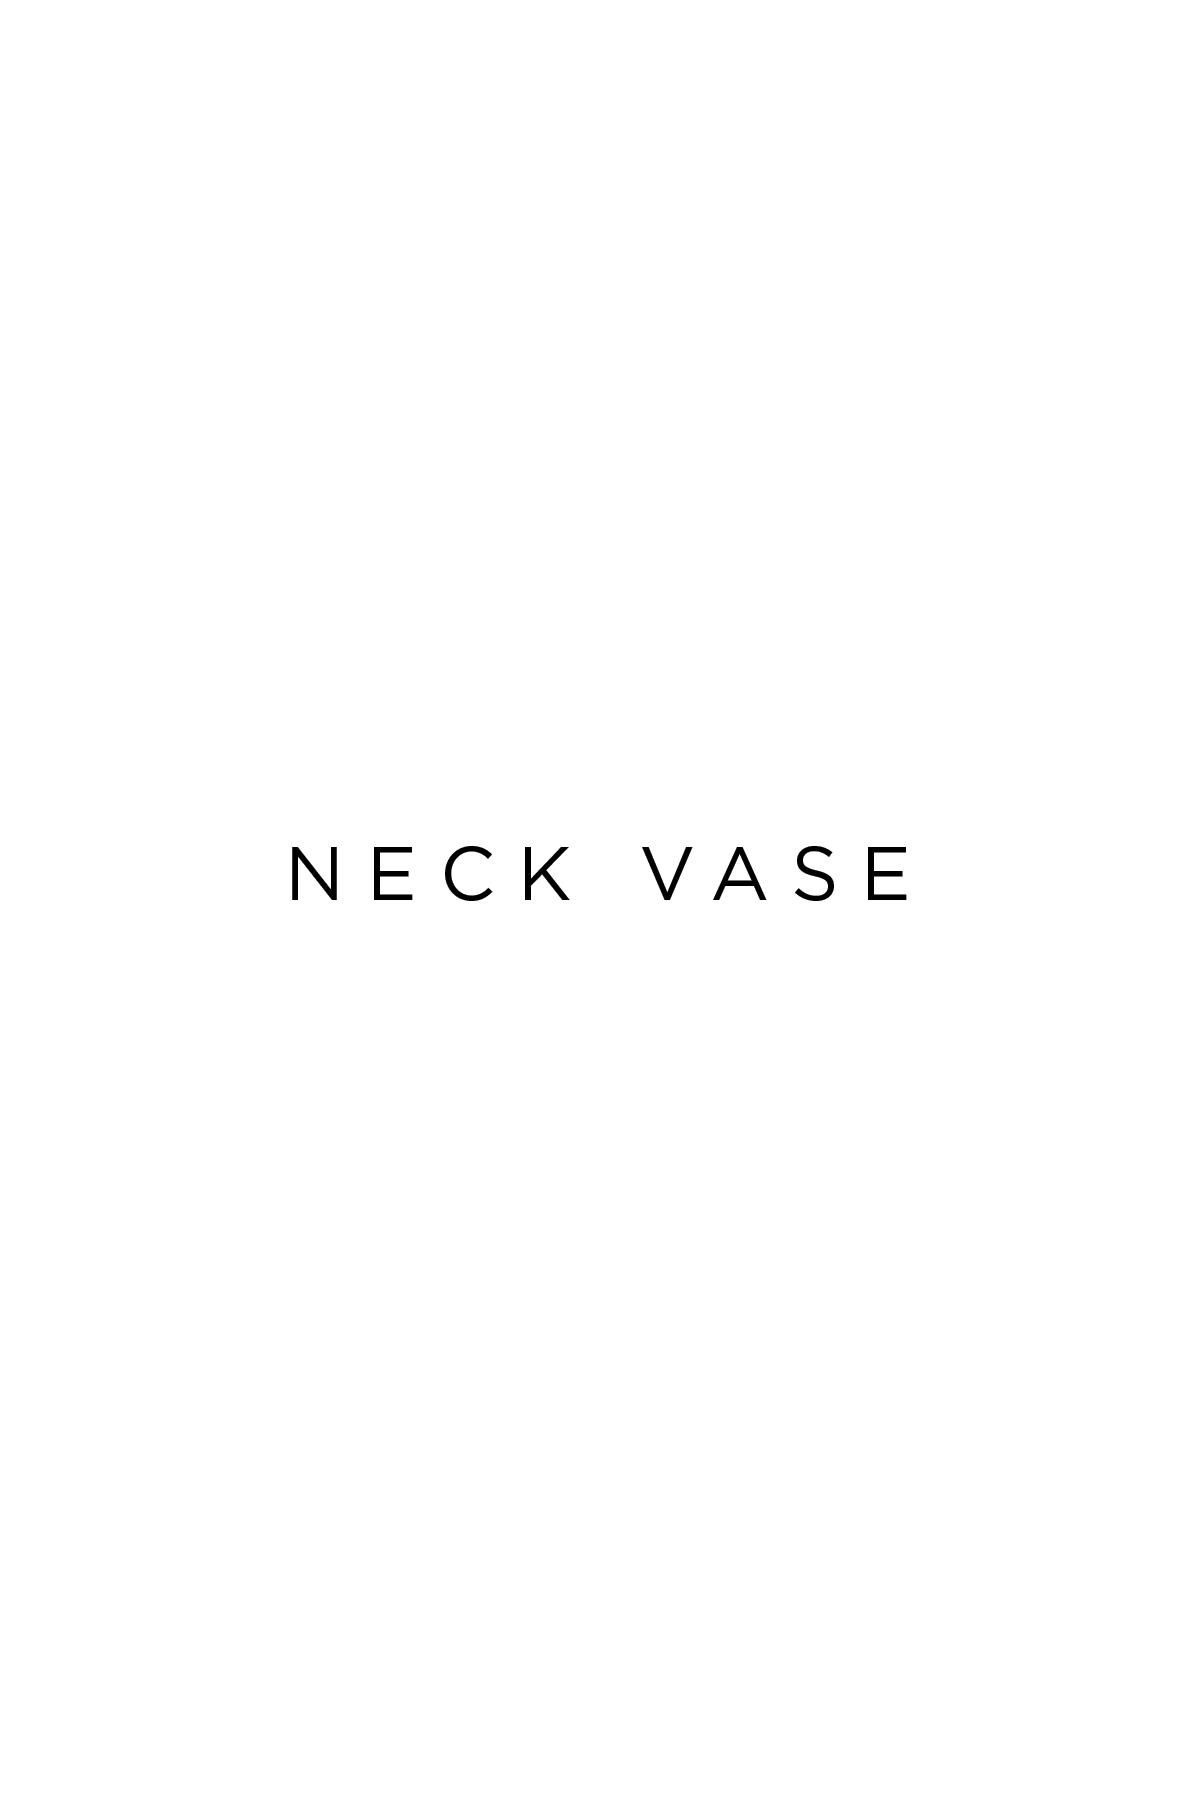 Neck vase 2